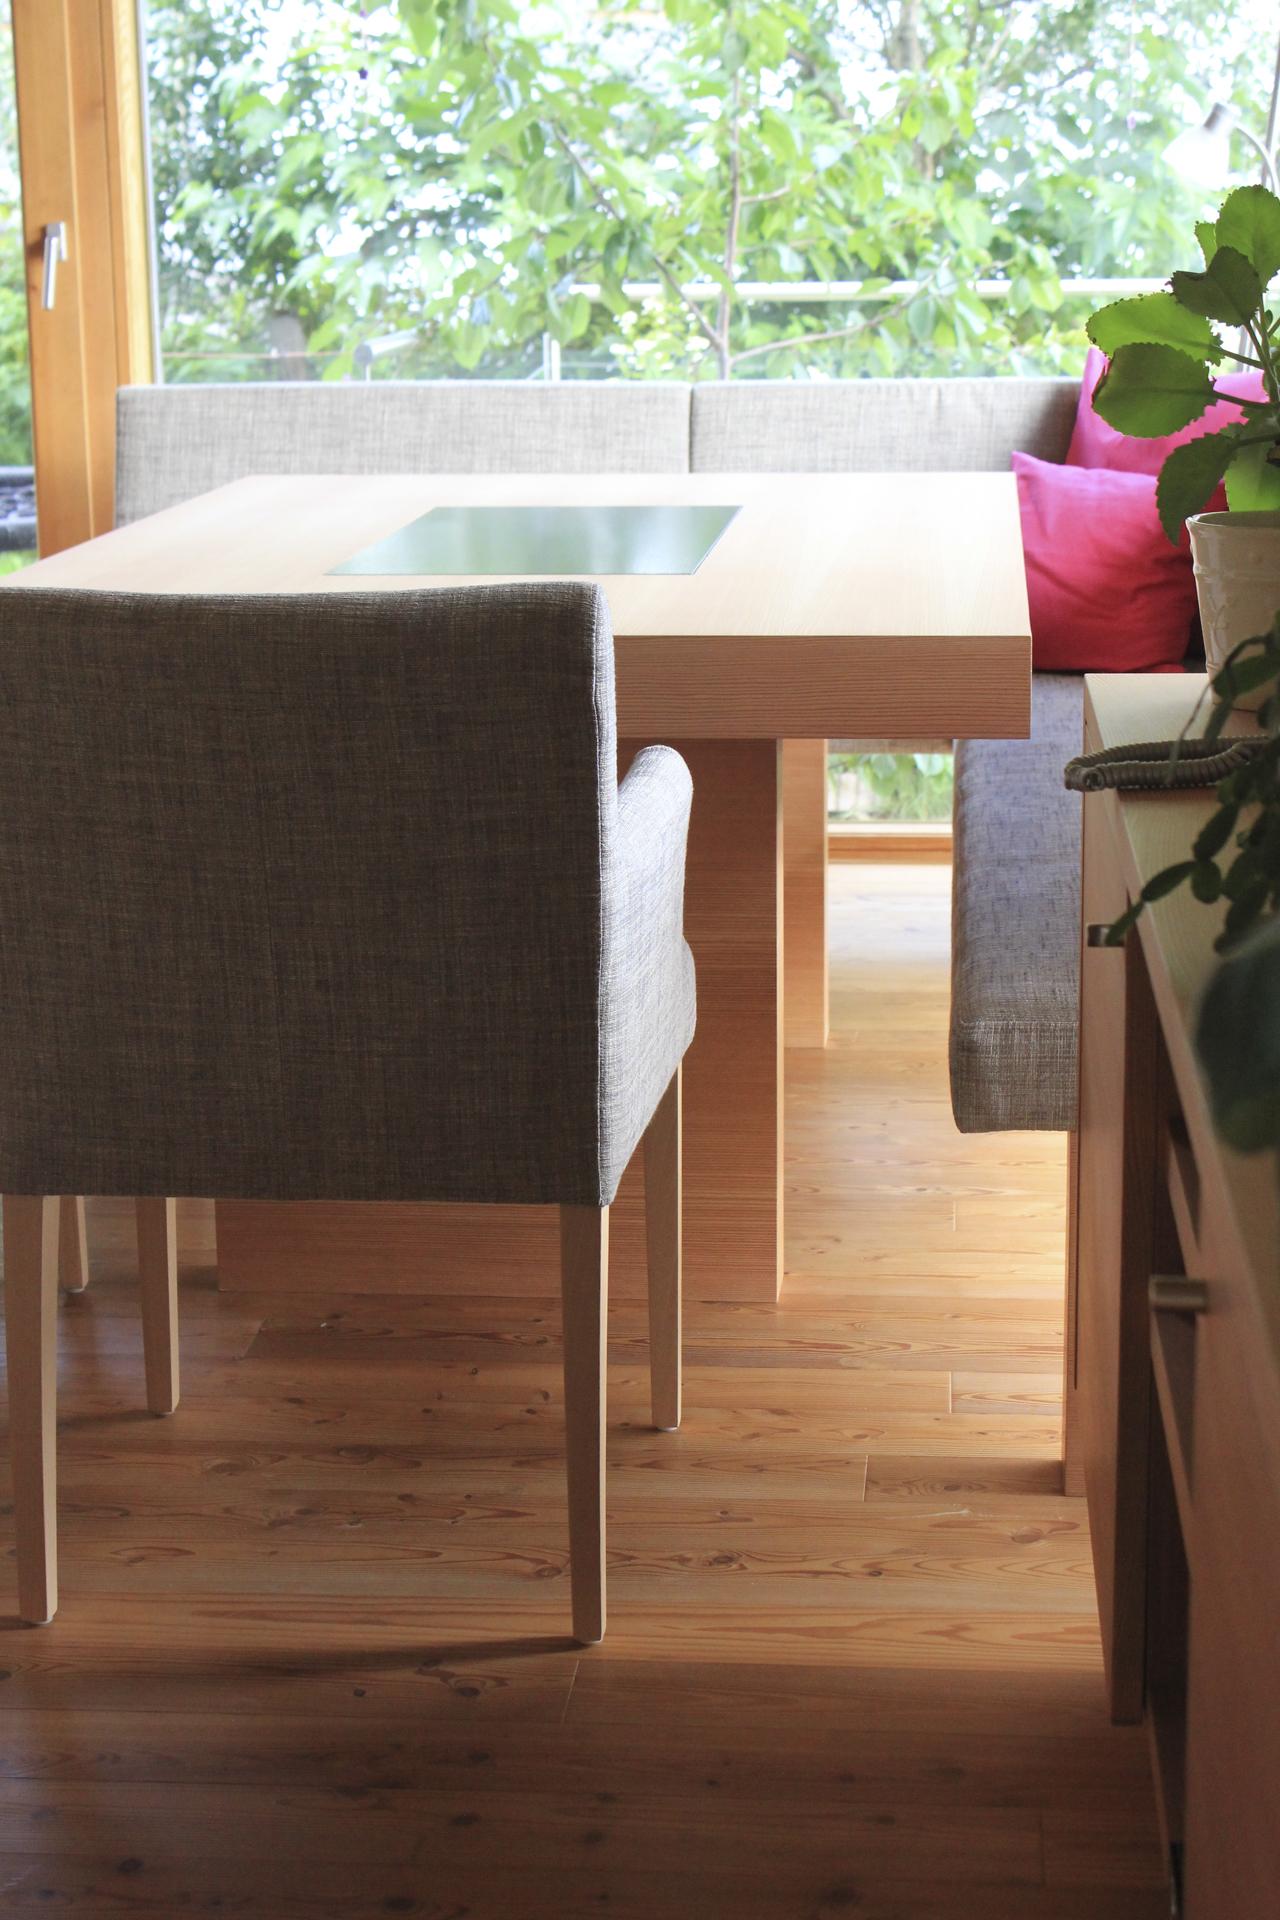 tischlerei-decker-wohnhaus-hofpgarten-interior-sessel